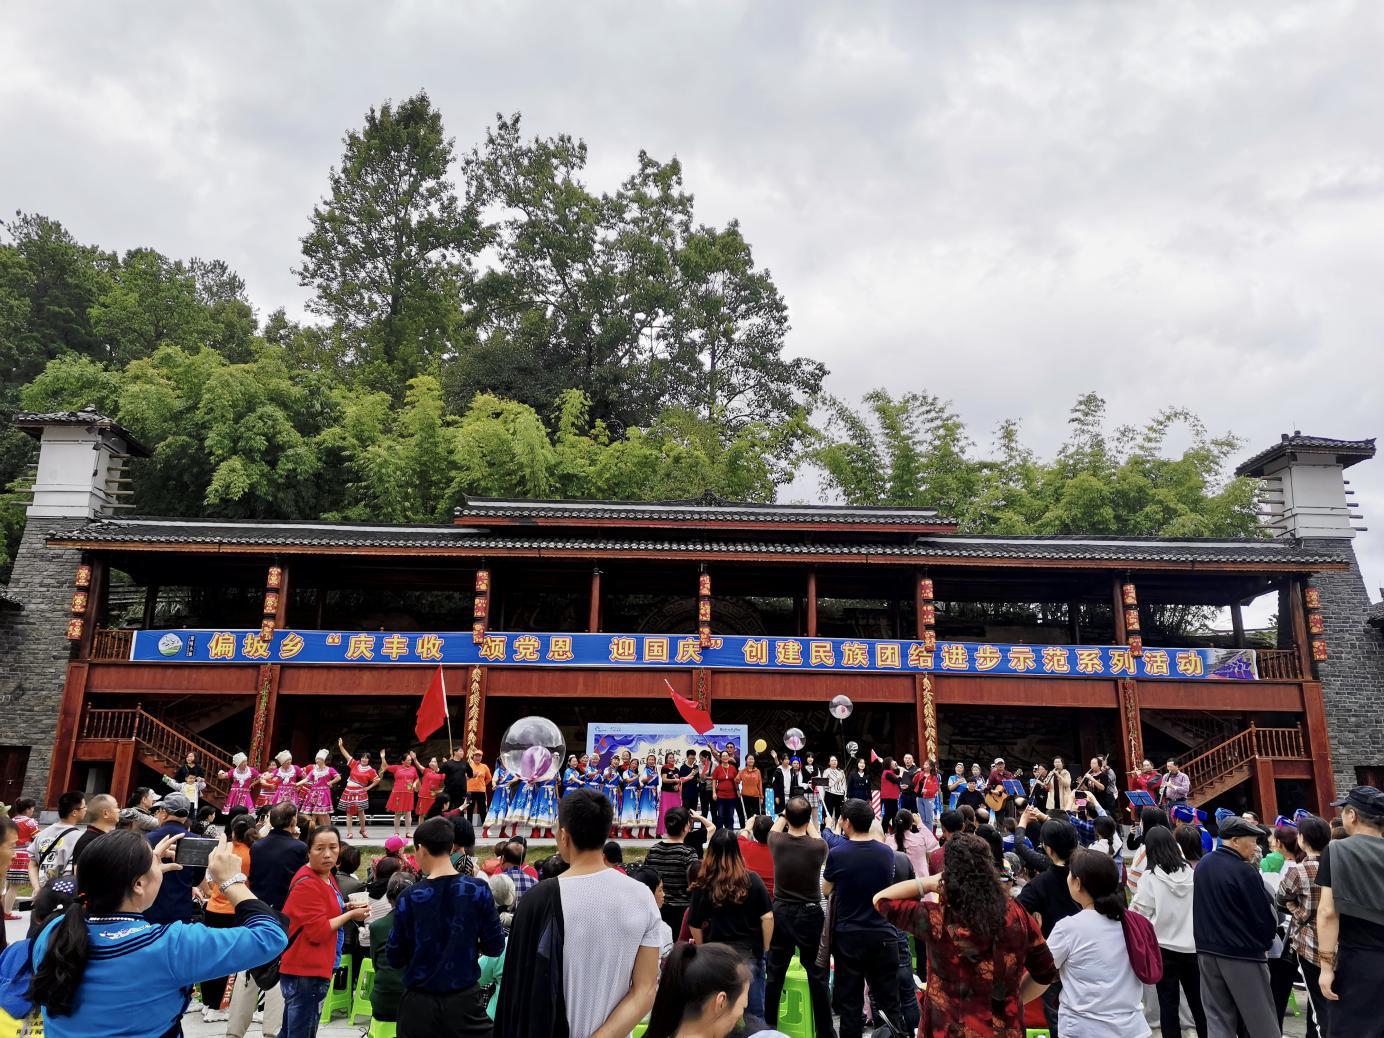 贵阳乌当偏坡乡:彰显布依文化旅游特色 筑牢民族团结进步基石